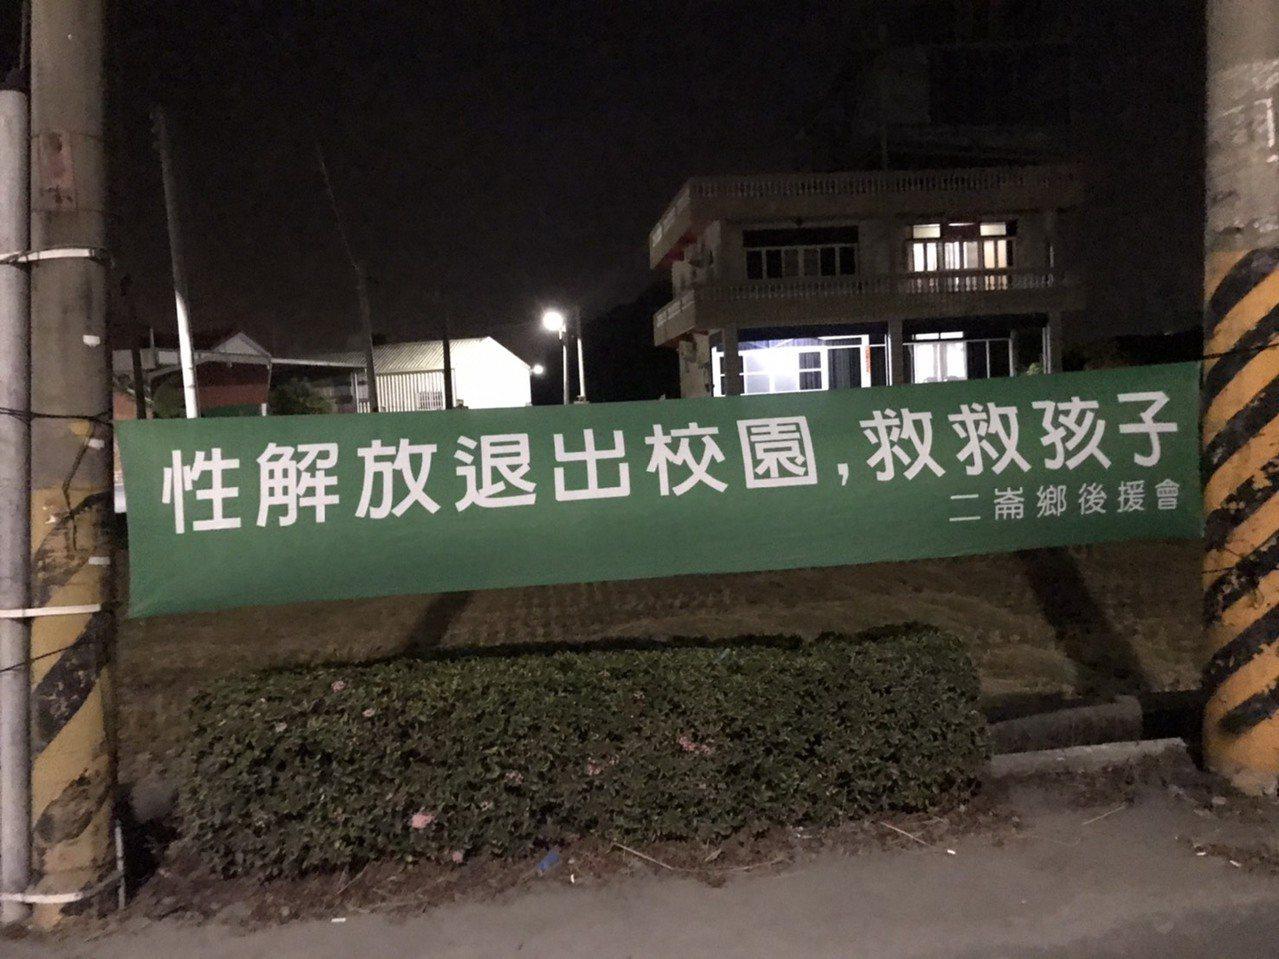 雲林縣二崙鄉地區近日出現許多「性解放退出校園,救救孩子」、「反對民進黨同性婚姻,...